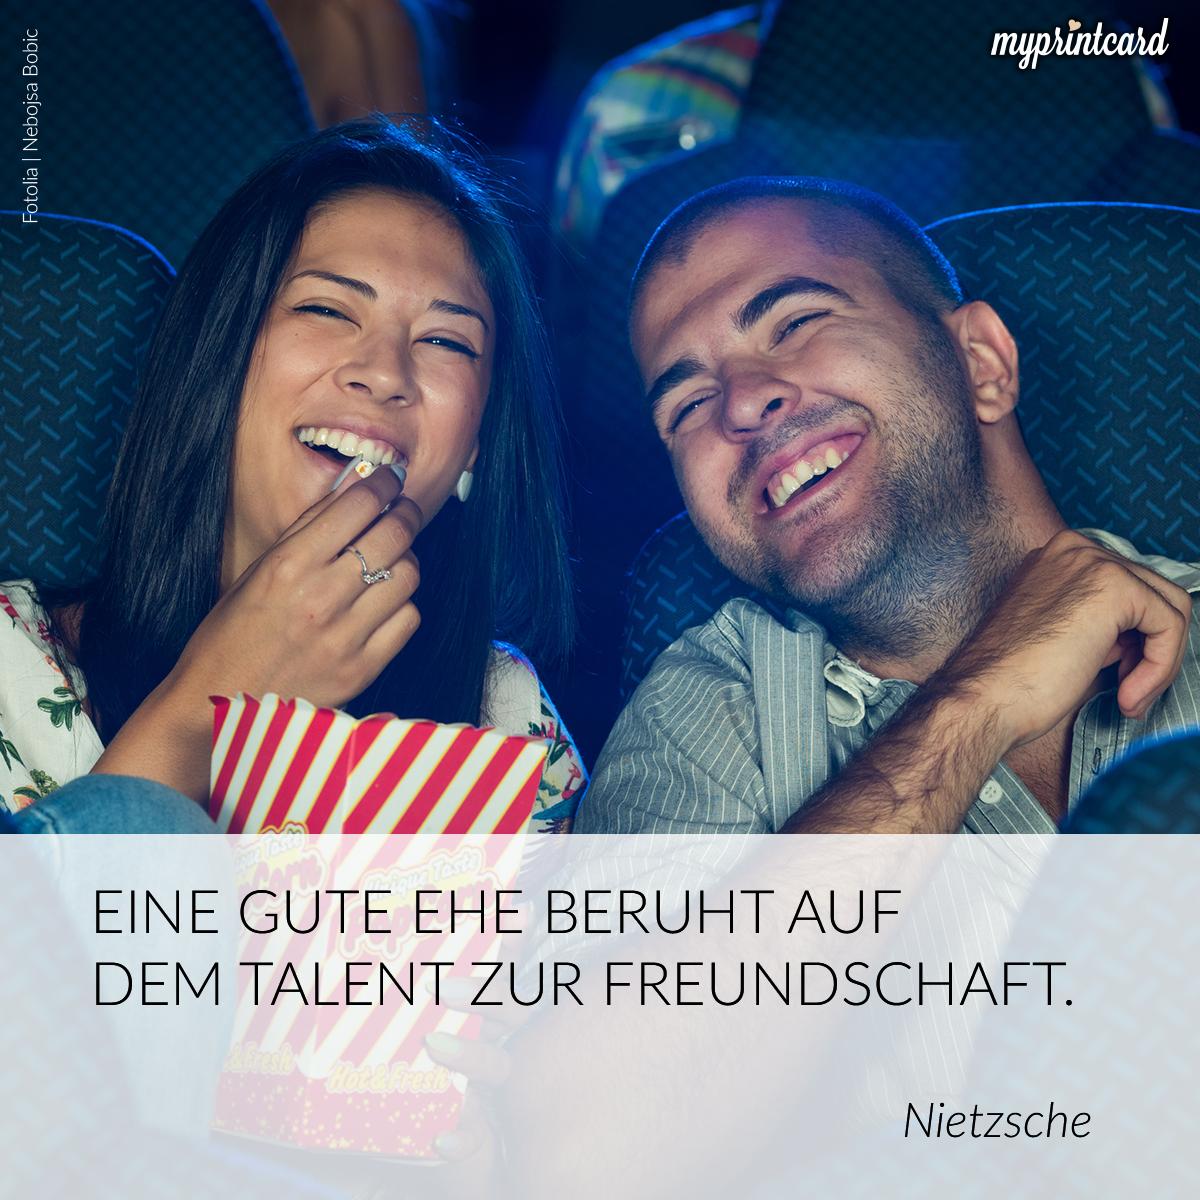 Eine Gute Ehe Beruht Auf Dem Talent Zur Freundschaft Nietzsche Ehe Freundschaft Zitat Liebe Quote Love Kino Popcorn Schone Liebeszitate Ehe Zitate